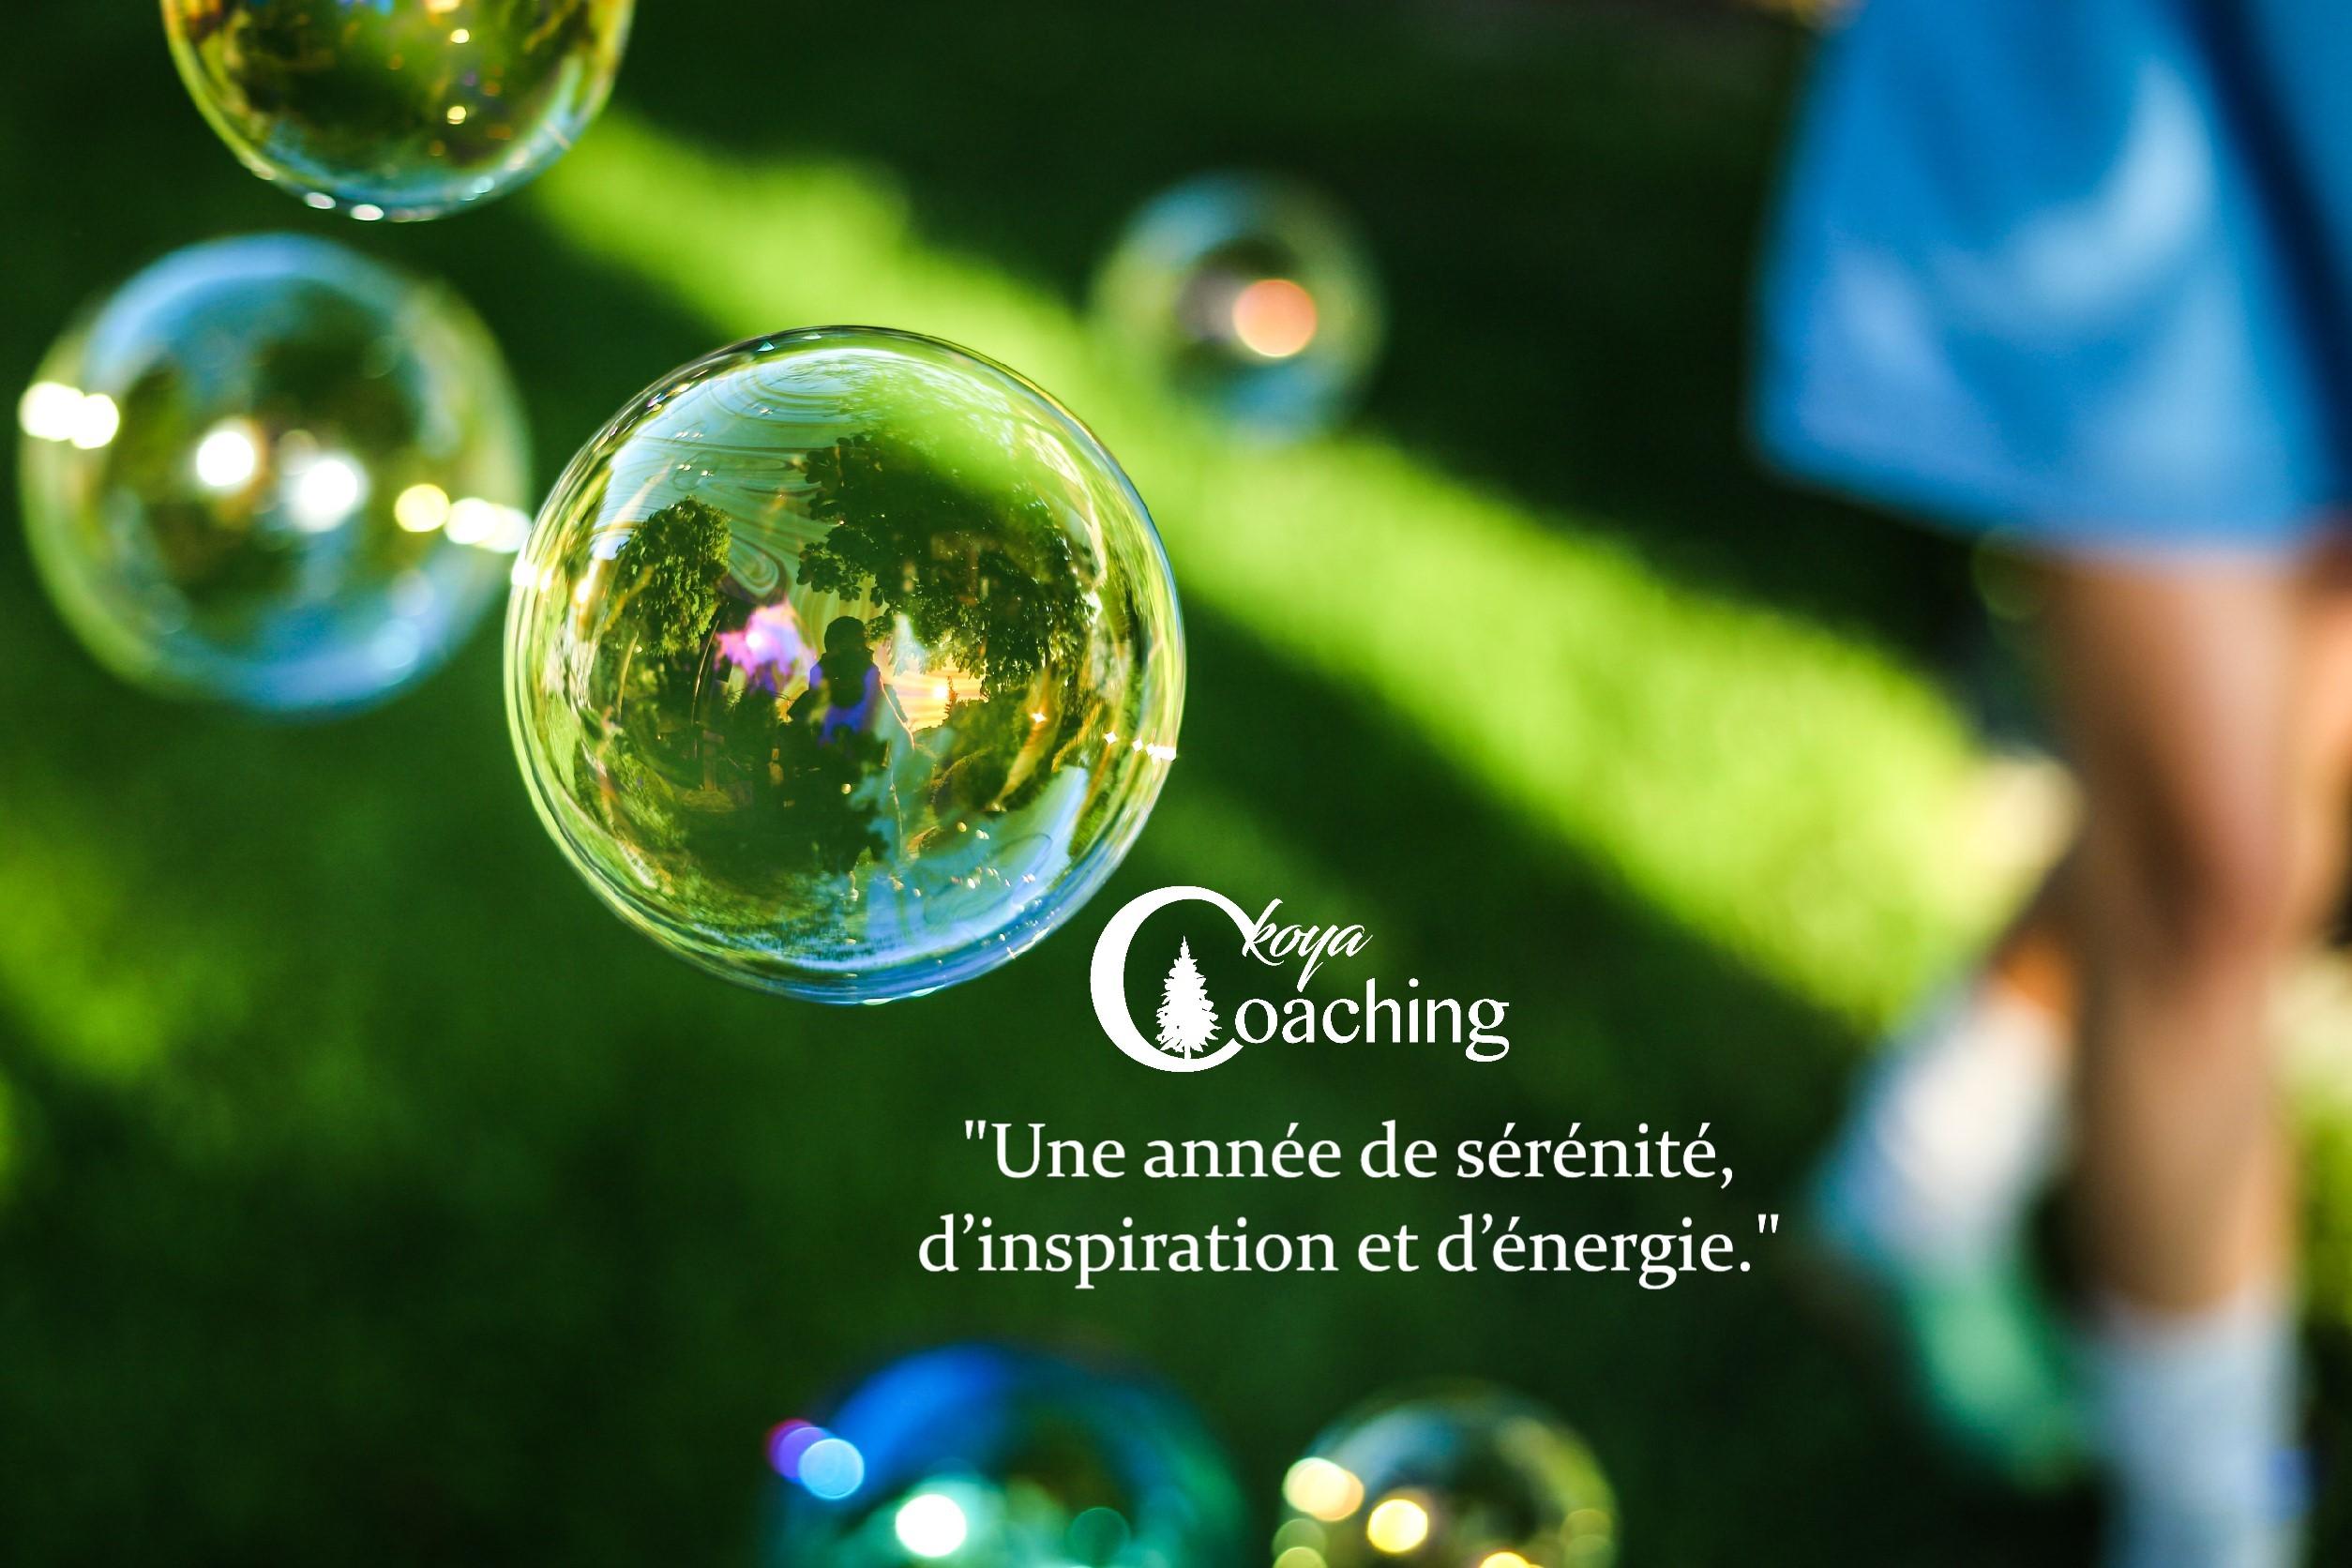 C'Koya Coaching: Un an déjà depuis le lancement du projet…